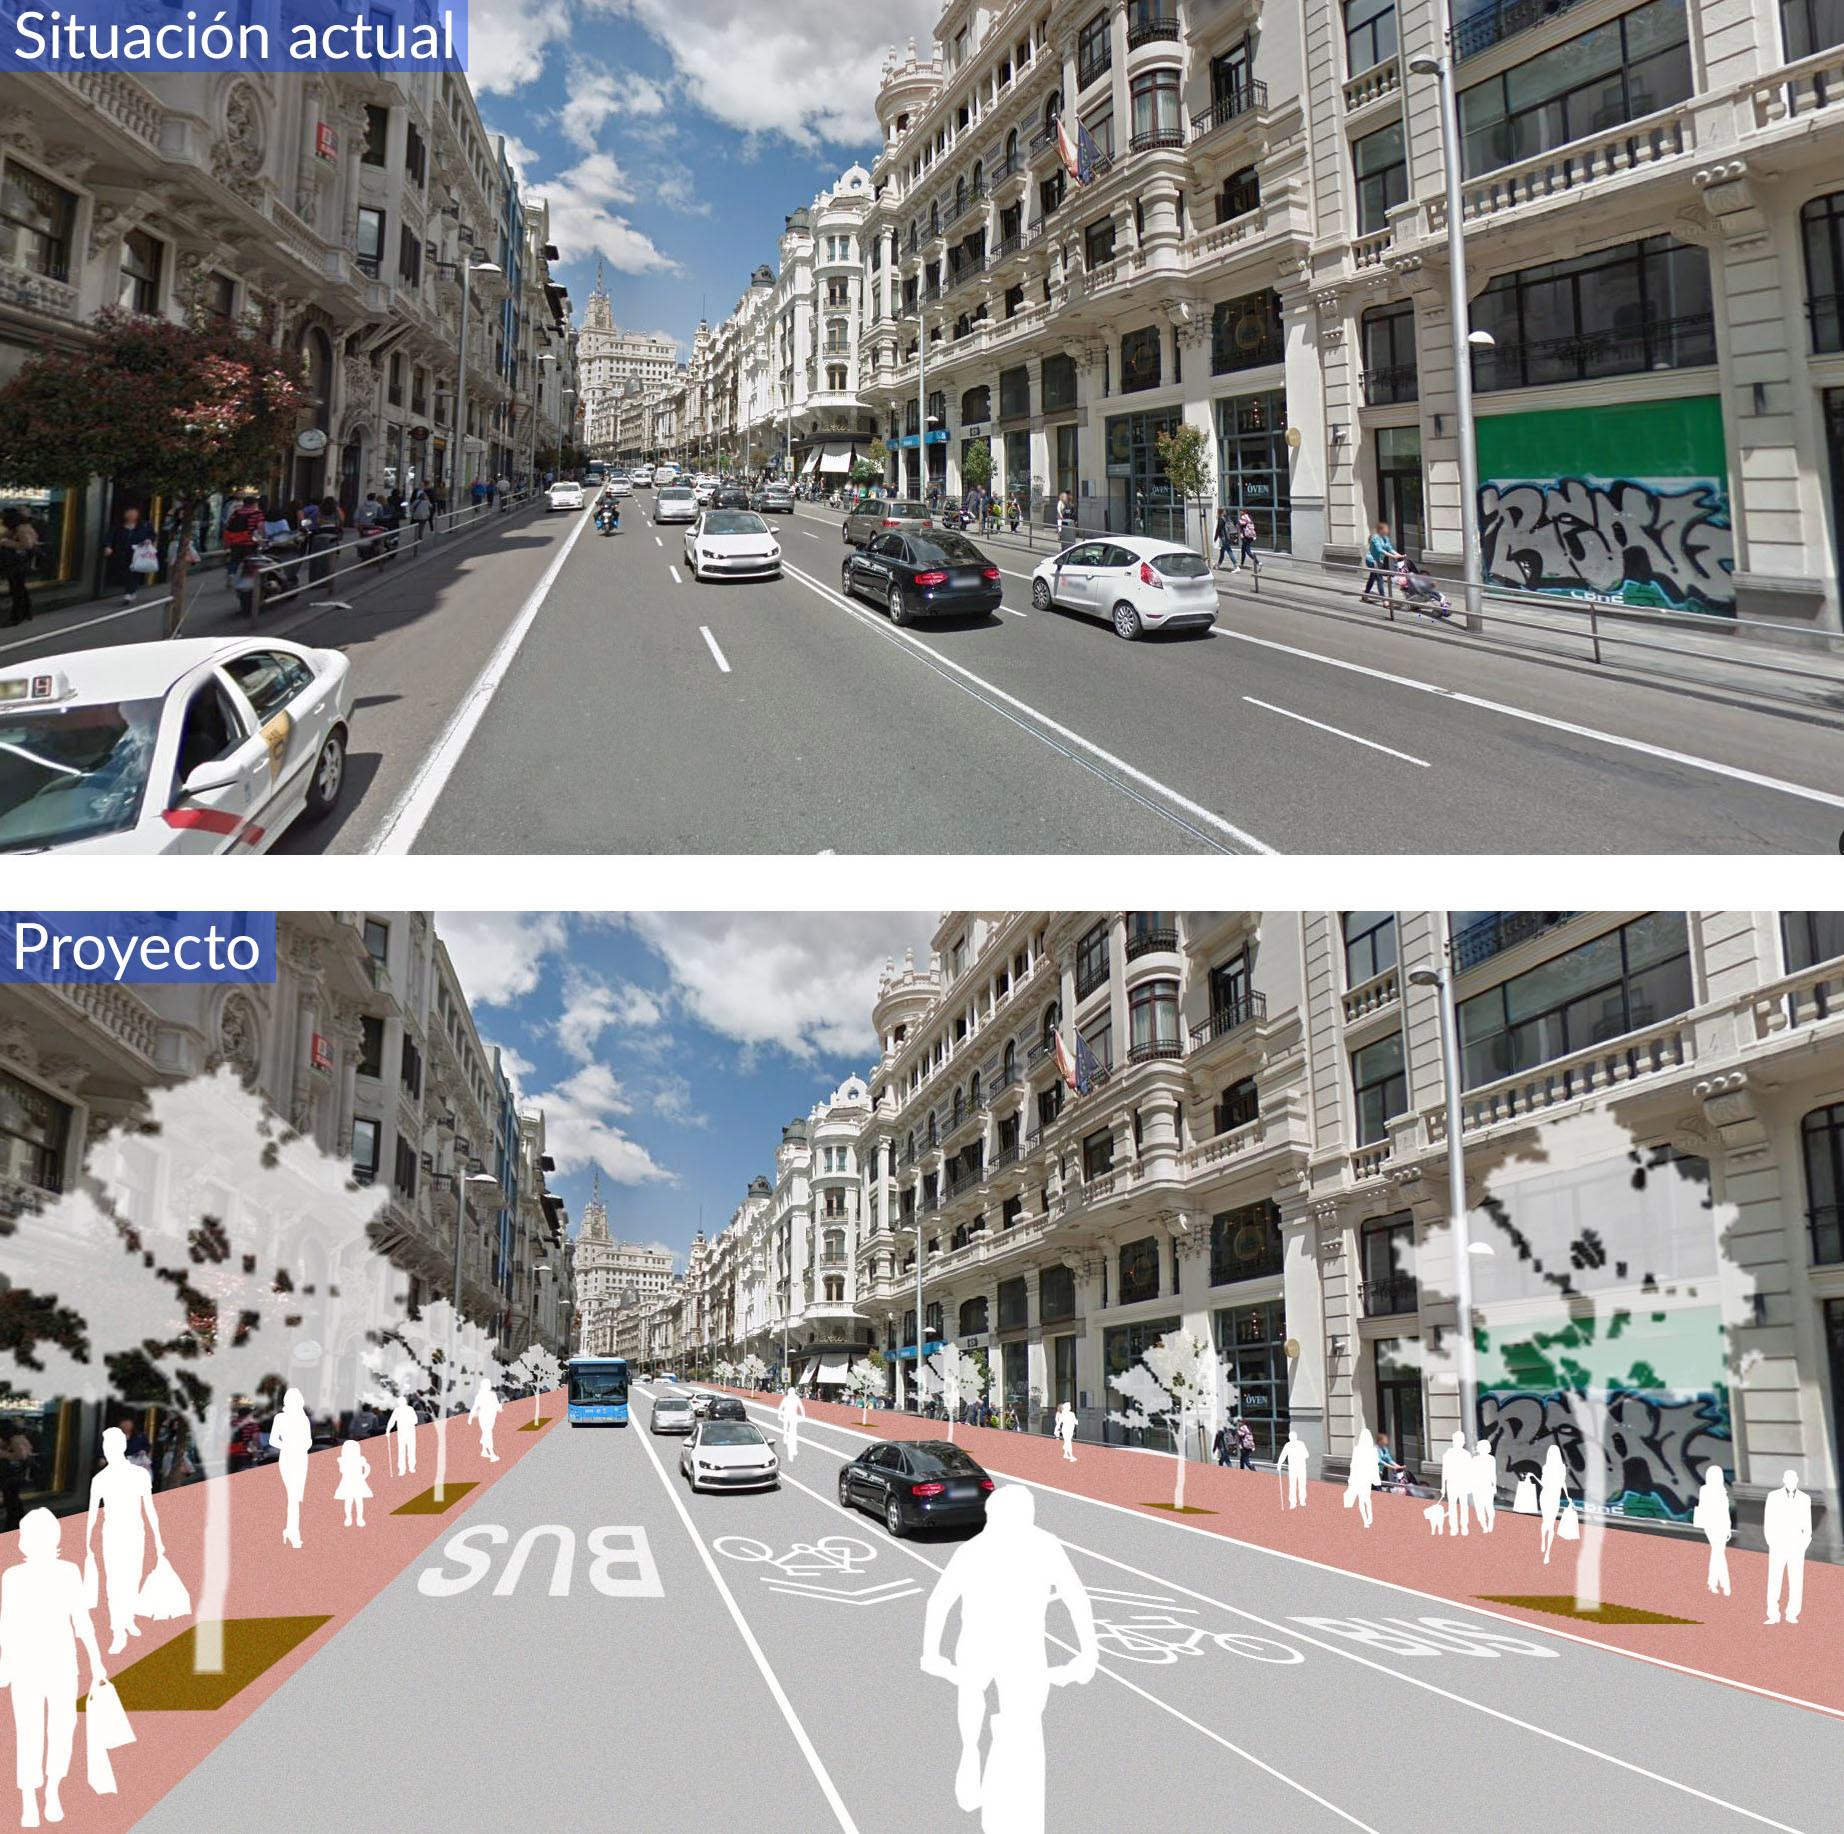 30 Futura Gran Vía a 30 km/h. | Fuente: Ayuntamiento de Madrid